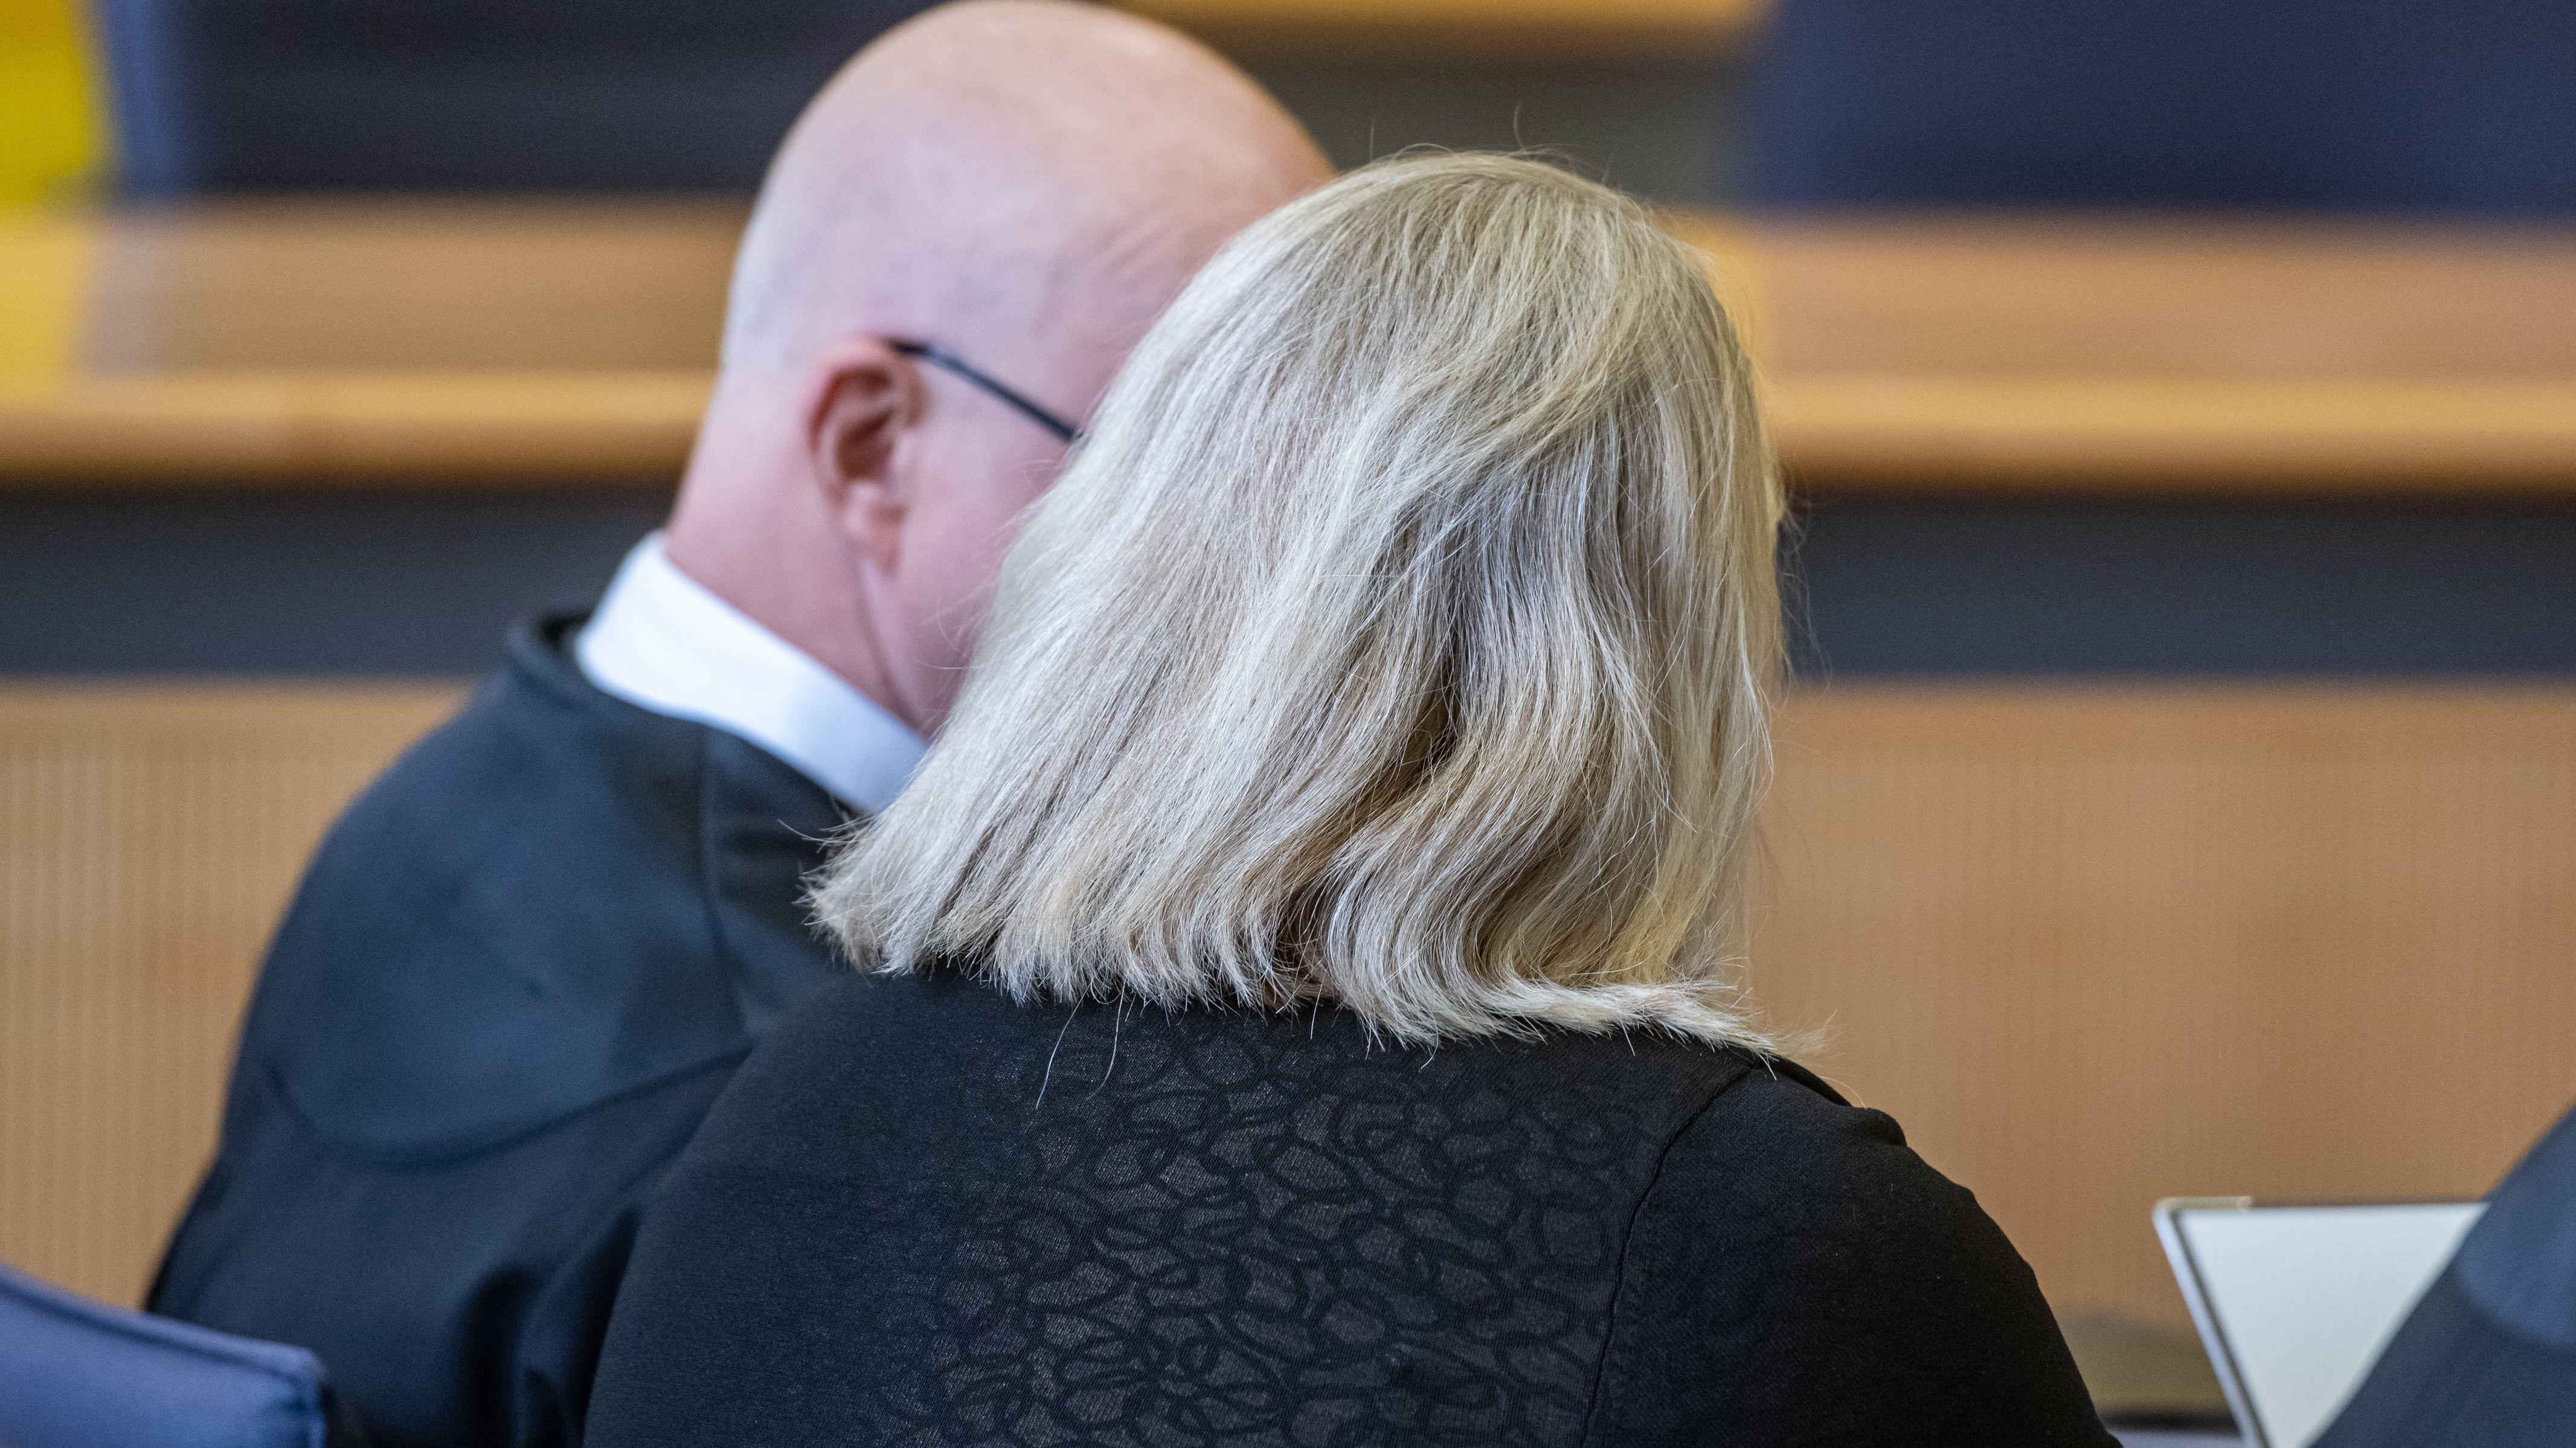 Die Angeklagte sitzt Verhandlungssaal im Landgericht neben ihrem Verteidiger Michael Haizmann (l).